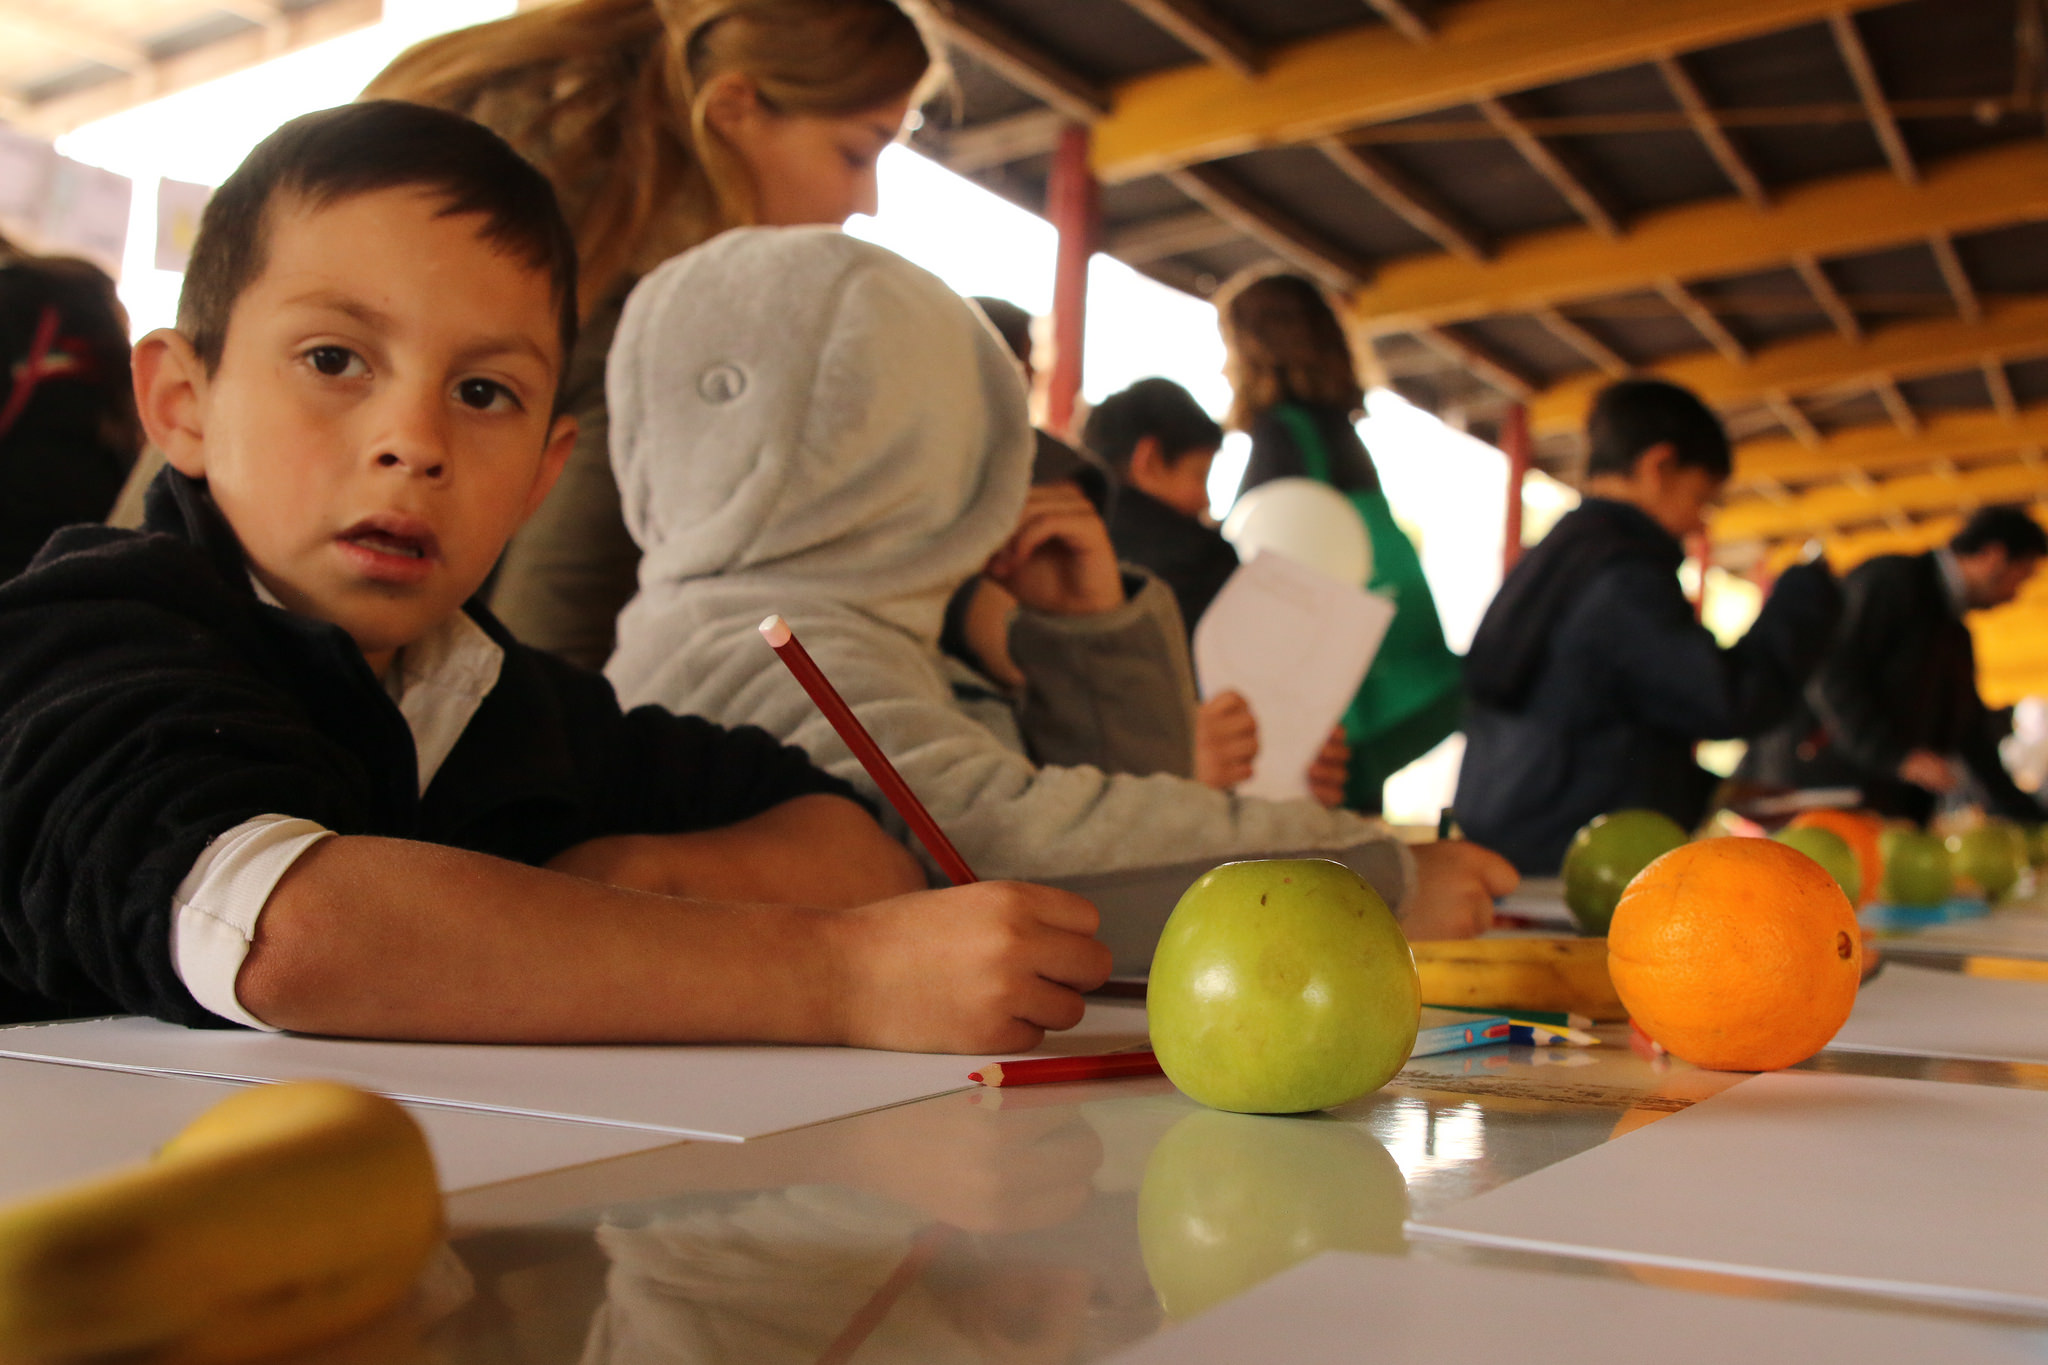 Observatorio del Derecho a la Alimentación lanza convocatoria de investigaciones 2018